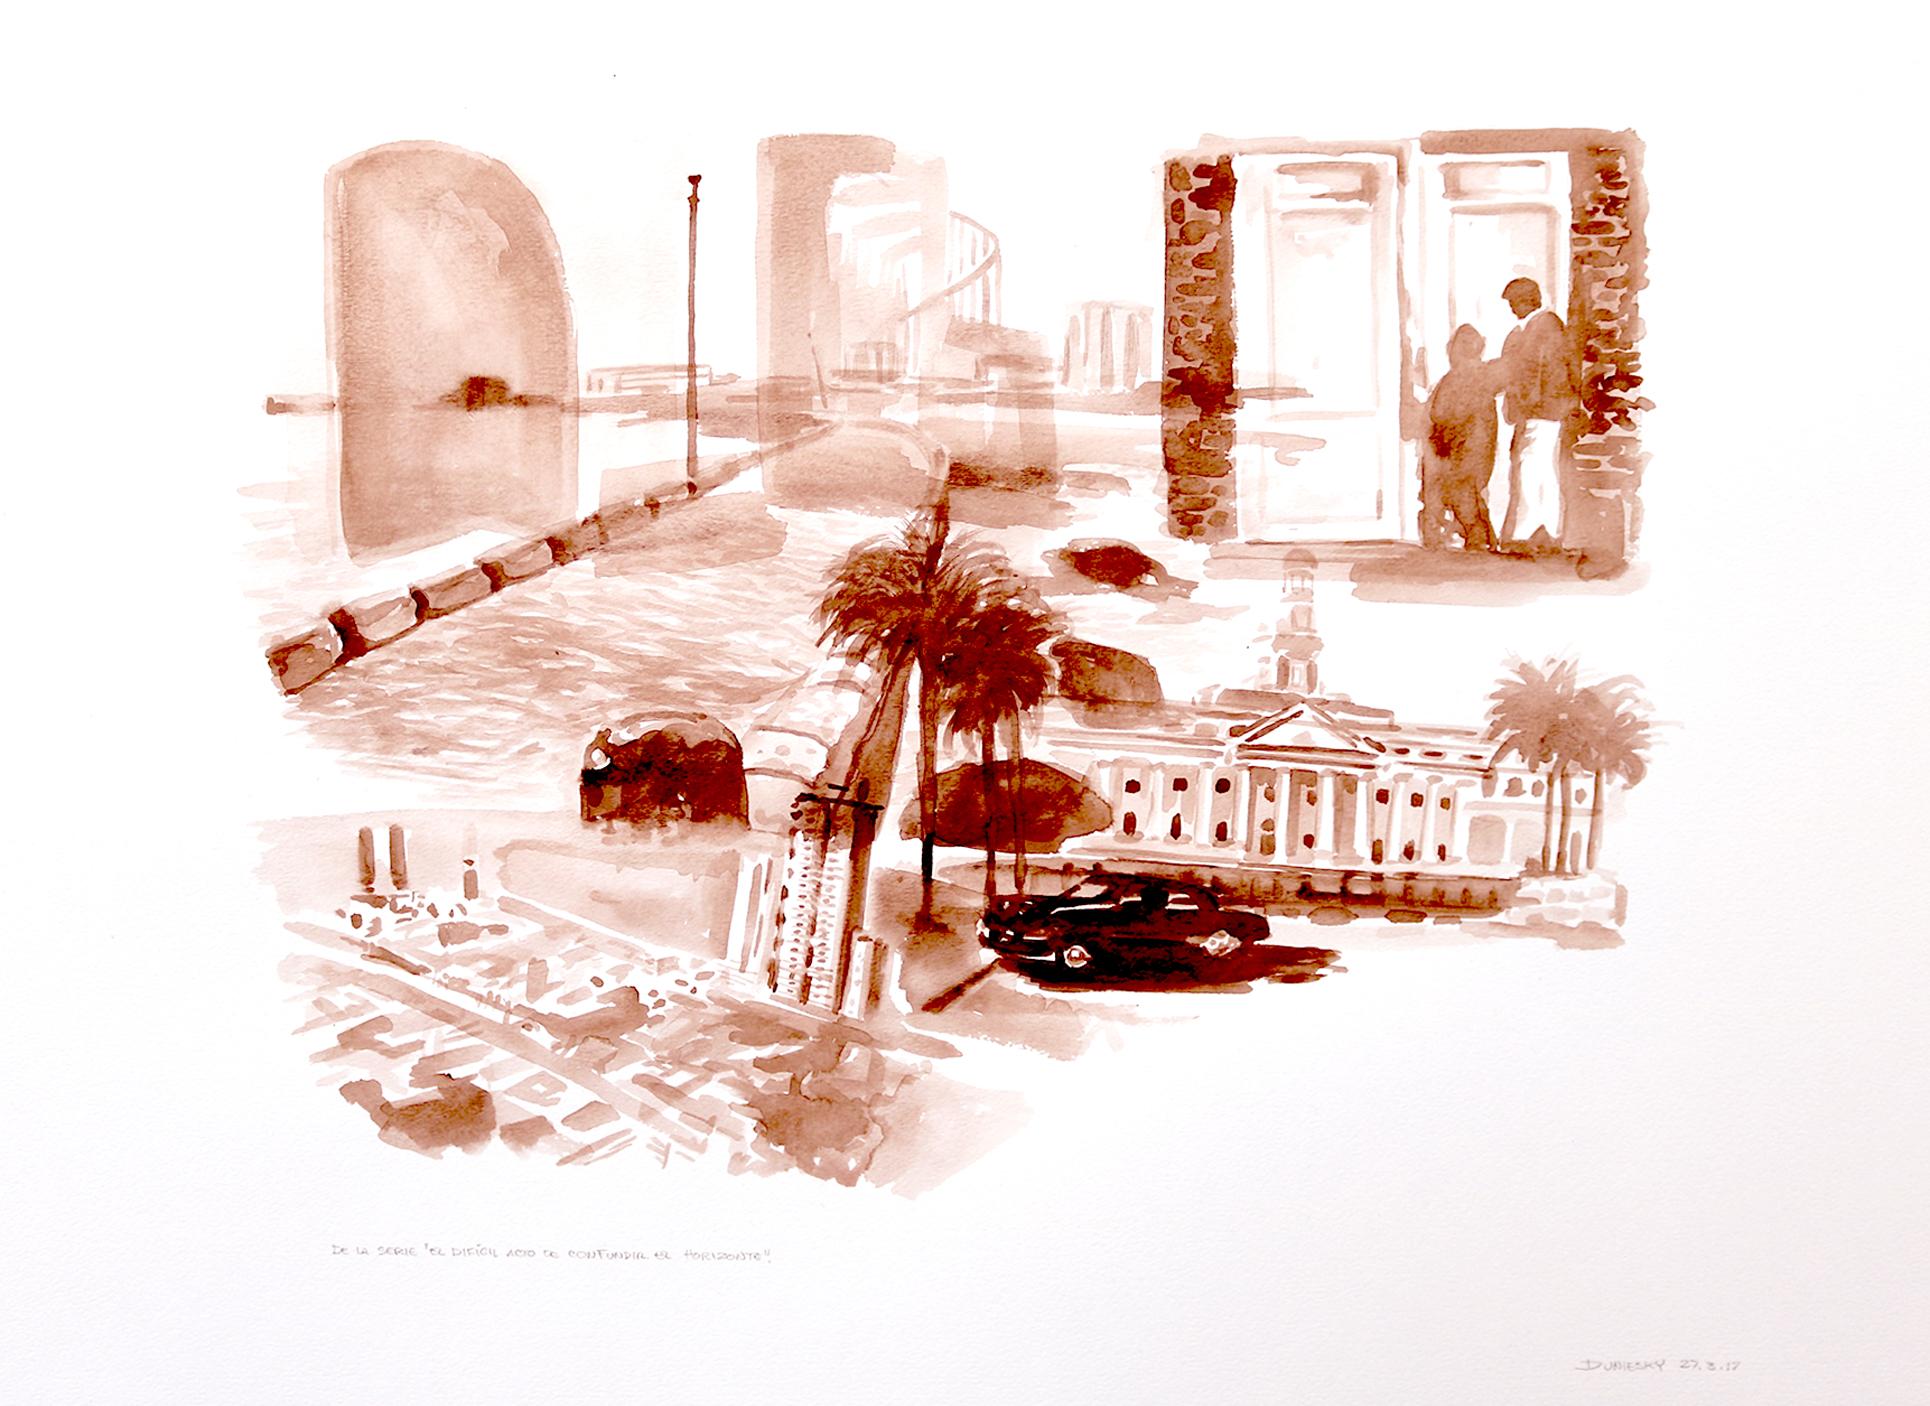 invitation image.JPG